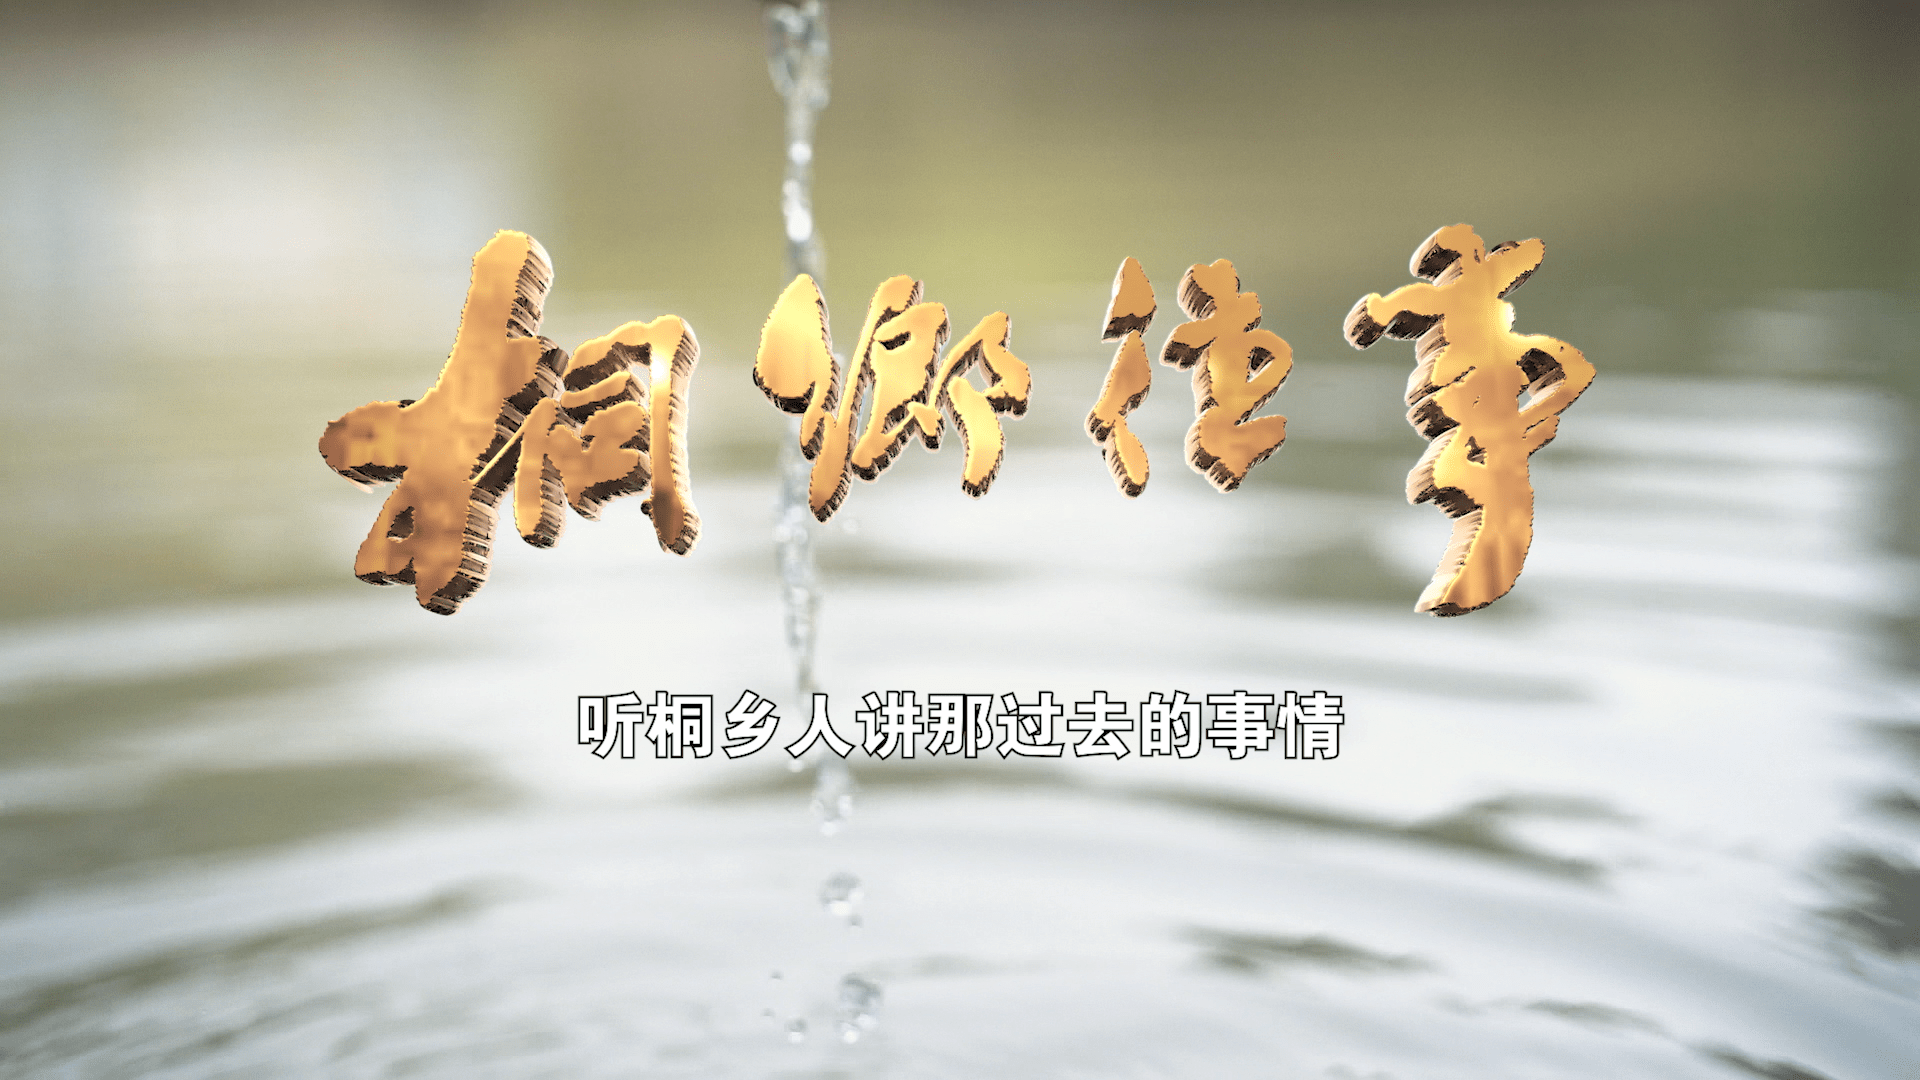 口述体纪录片《江南往事》:大规模记录平凡人物的人生